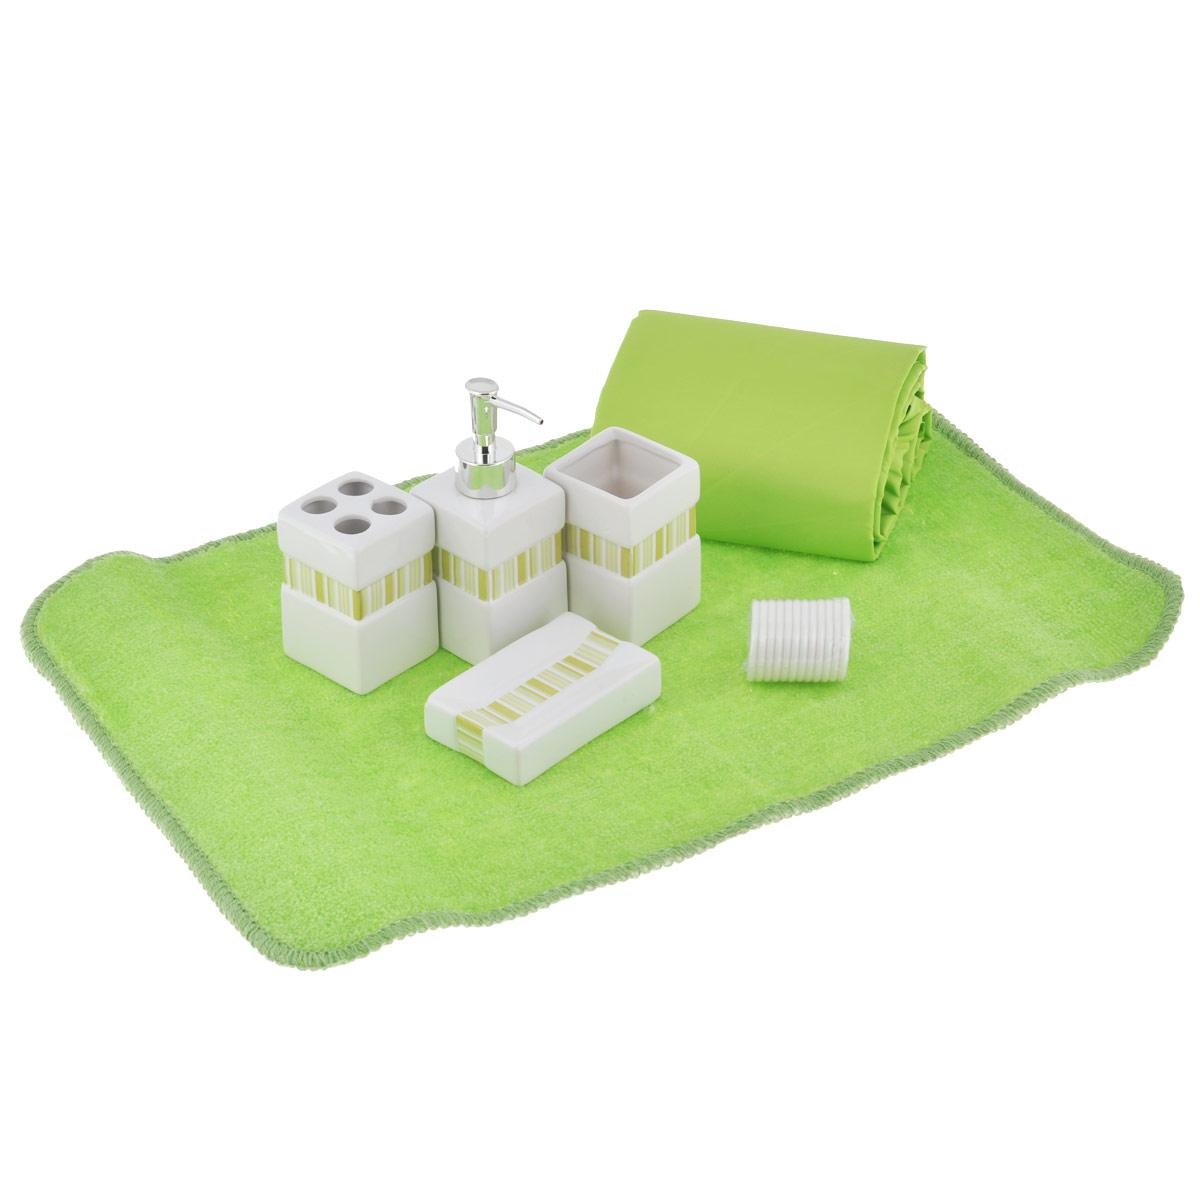 Набор для ванной комнаты House & Holder, цвет: зеленый, 7 предметовSWYS027Набор для ванной комнаты House & Holder состоит из держателя для зубных щеток, стакана для пасты, дозатора для жидкого мыла, мыльницы, коврика и шторы для ванной с 12 кольцами. Держатель, стакан, дозатор и мыльница изготовлены из высококачественной керамики и декорированы зелеными полосами. Коврик изготовлен из мягкого плотного ворса, который не даст замерзнуть ногам. Основание коврика предотвращает скольжение его по полу. Шторка выполнена из водоотталкивающего материала. Набор House & Holder станет отличным подарком на праздник. Размер стакана: 6 см х 6 см х 9,5 см. Размер держателя для зубных щеток: 6 см х 6 см х 9,5 см. Размер дозатора: 6 см х 6 см х 16 см. Размер мыльницы: 11,5 см х 7,2 см х 2,5 см. Размер шторы: 180 см х 180 см. Размер коврика: 60 см х 40 см.